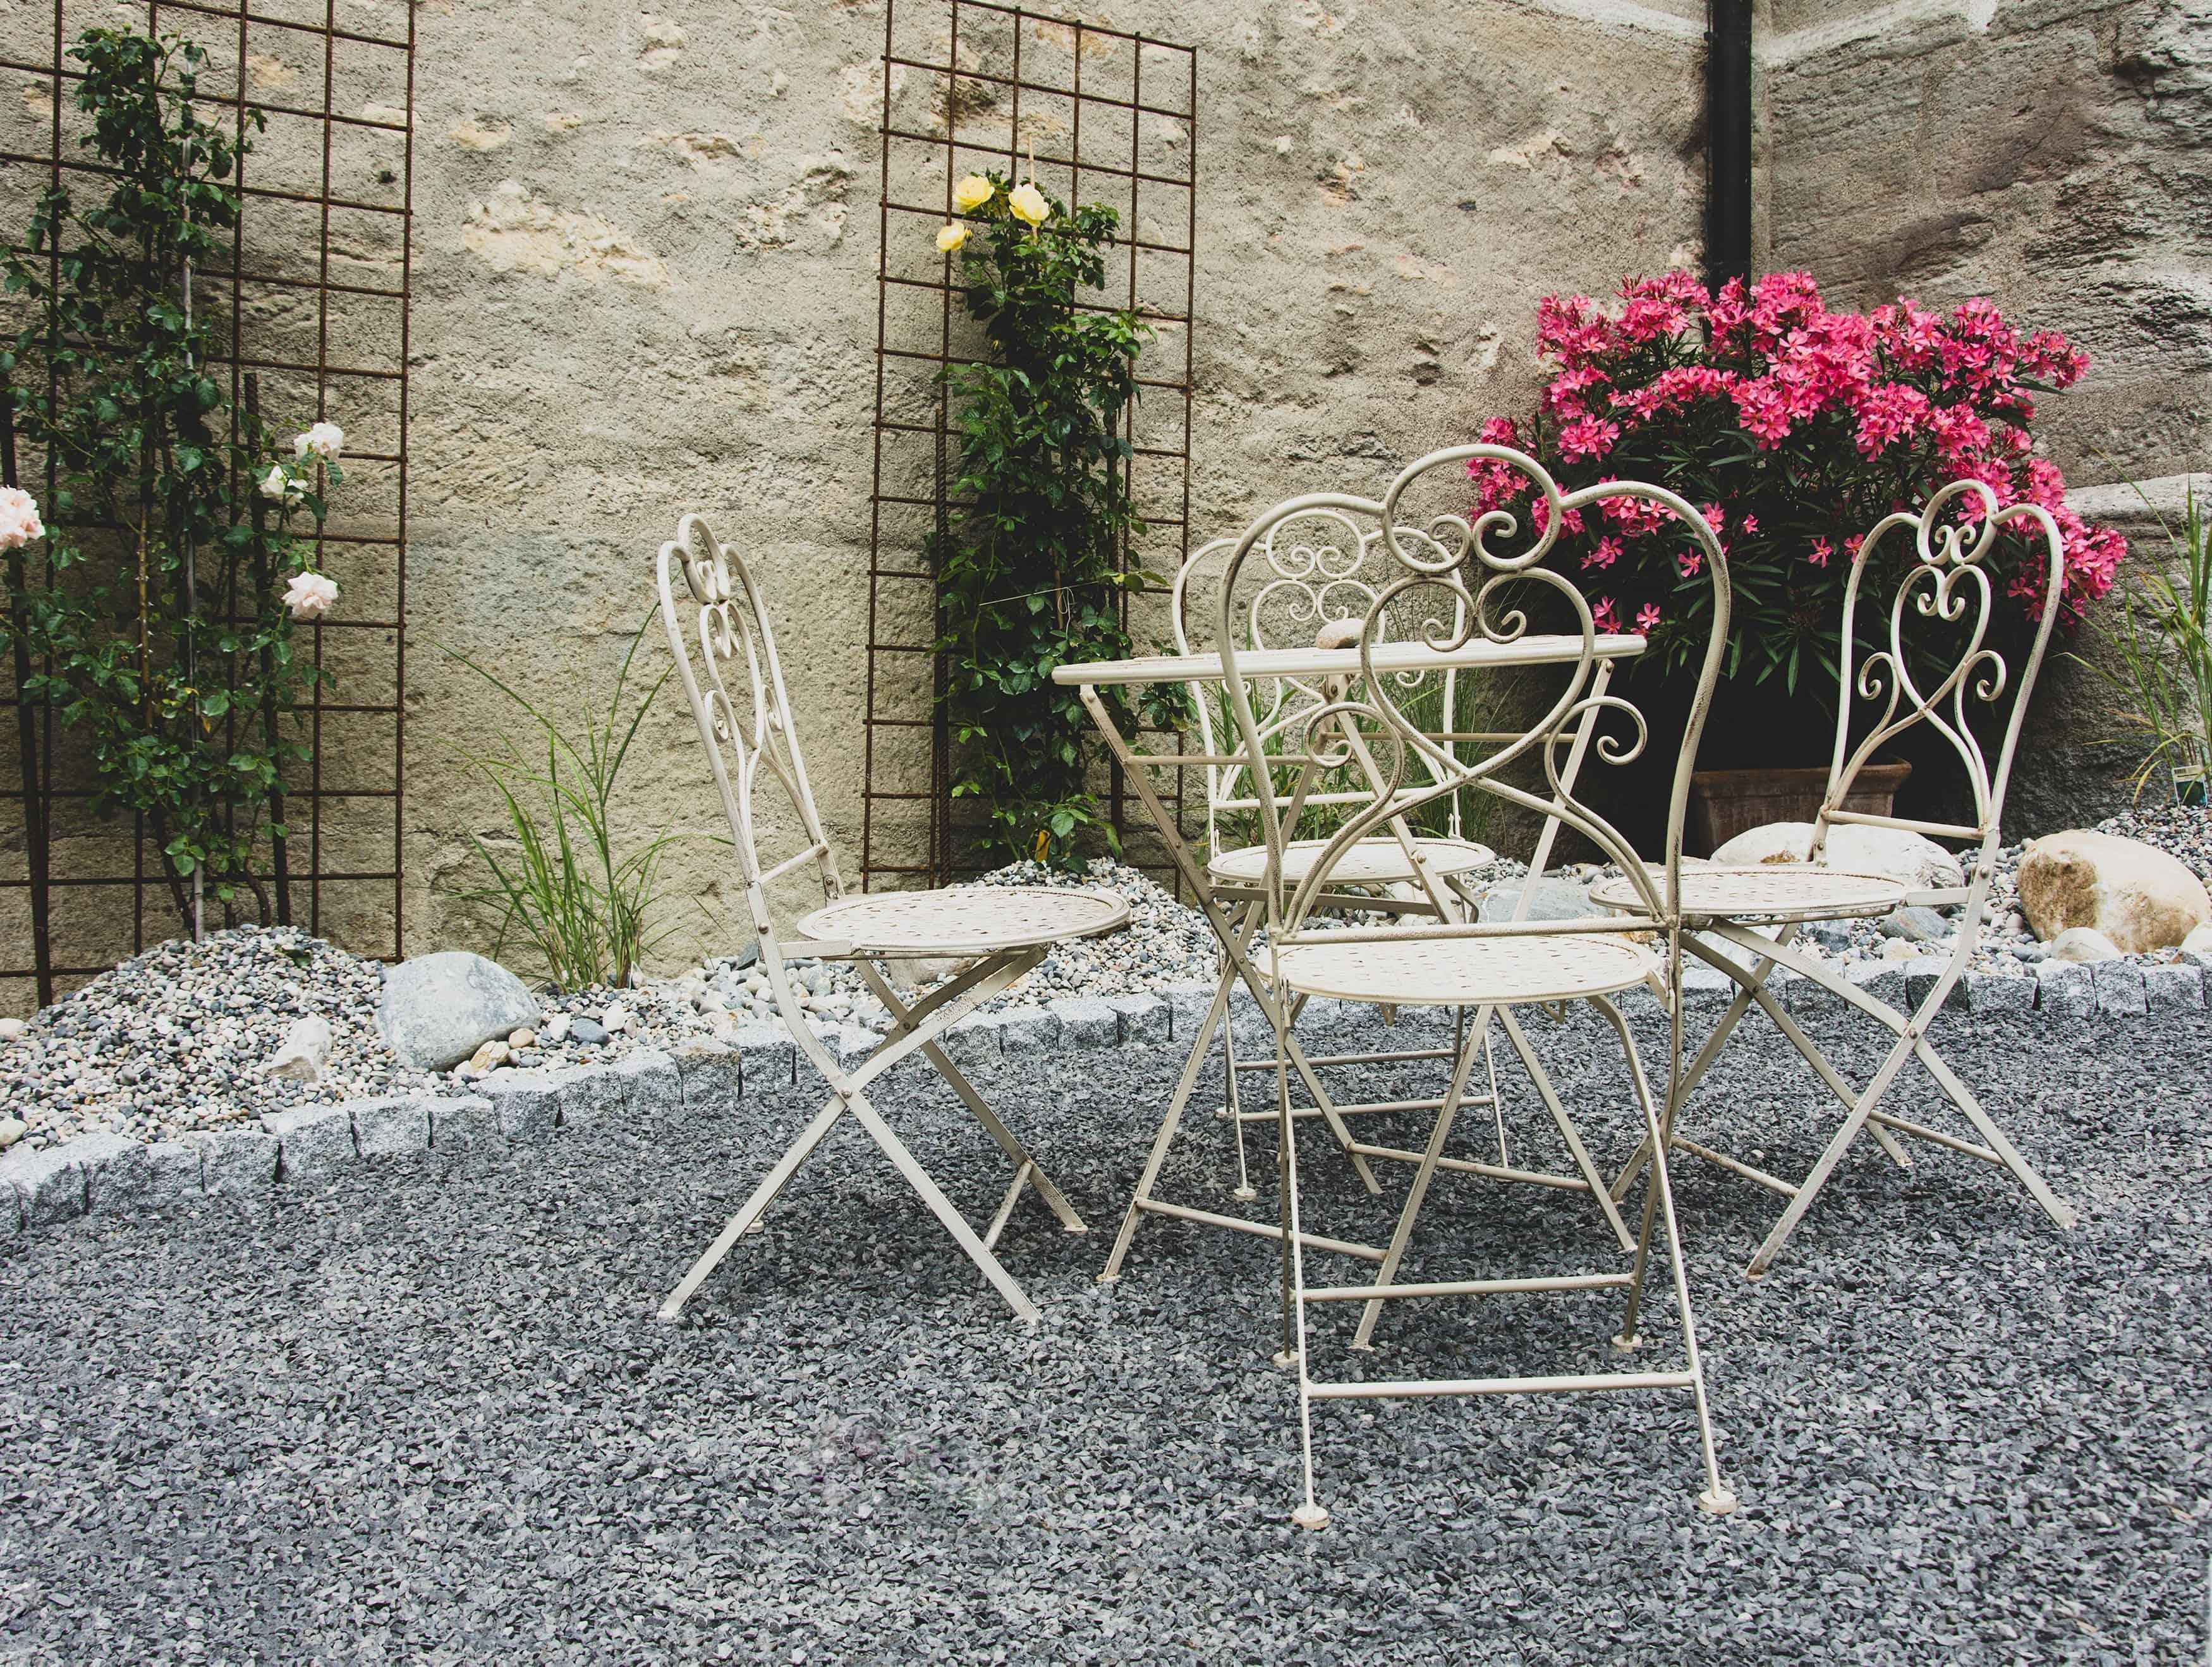 Polsterauflage Für Gartenmöbel Test 2020 Polsterauflagen